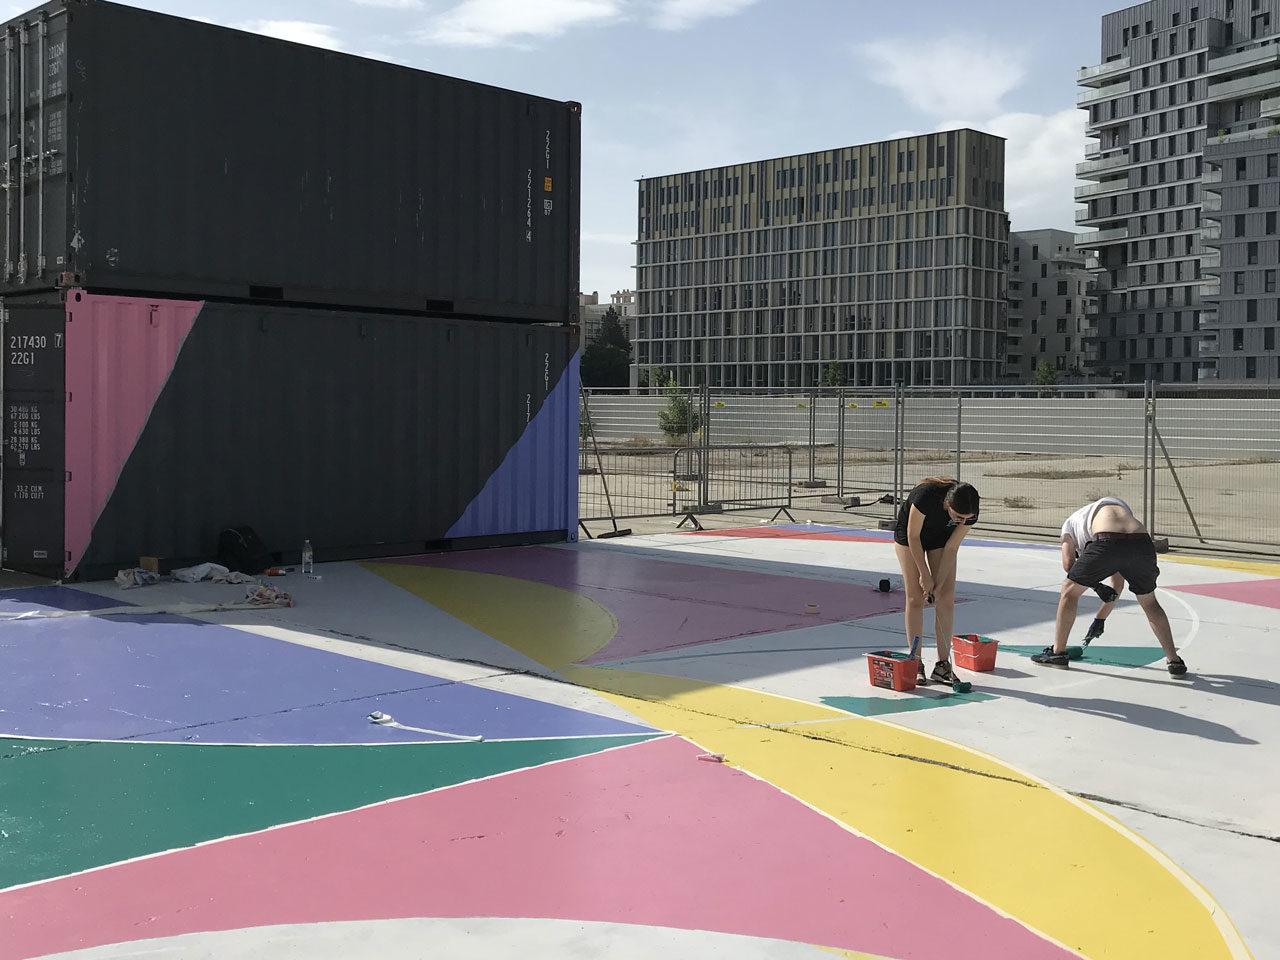 La Cité des Halles Lyon 7 Playground basket peint par Poter